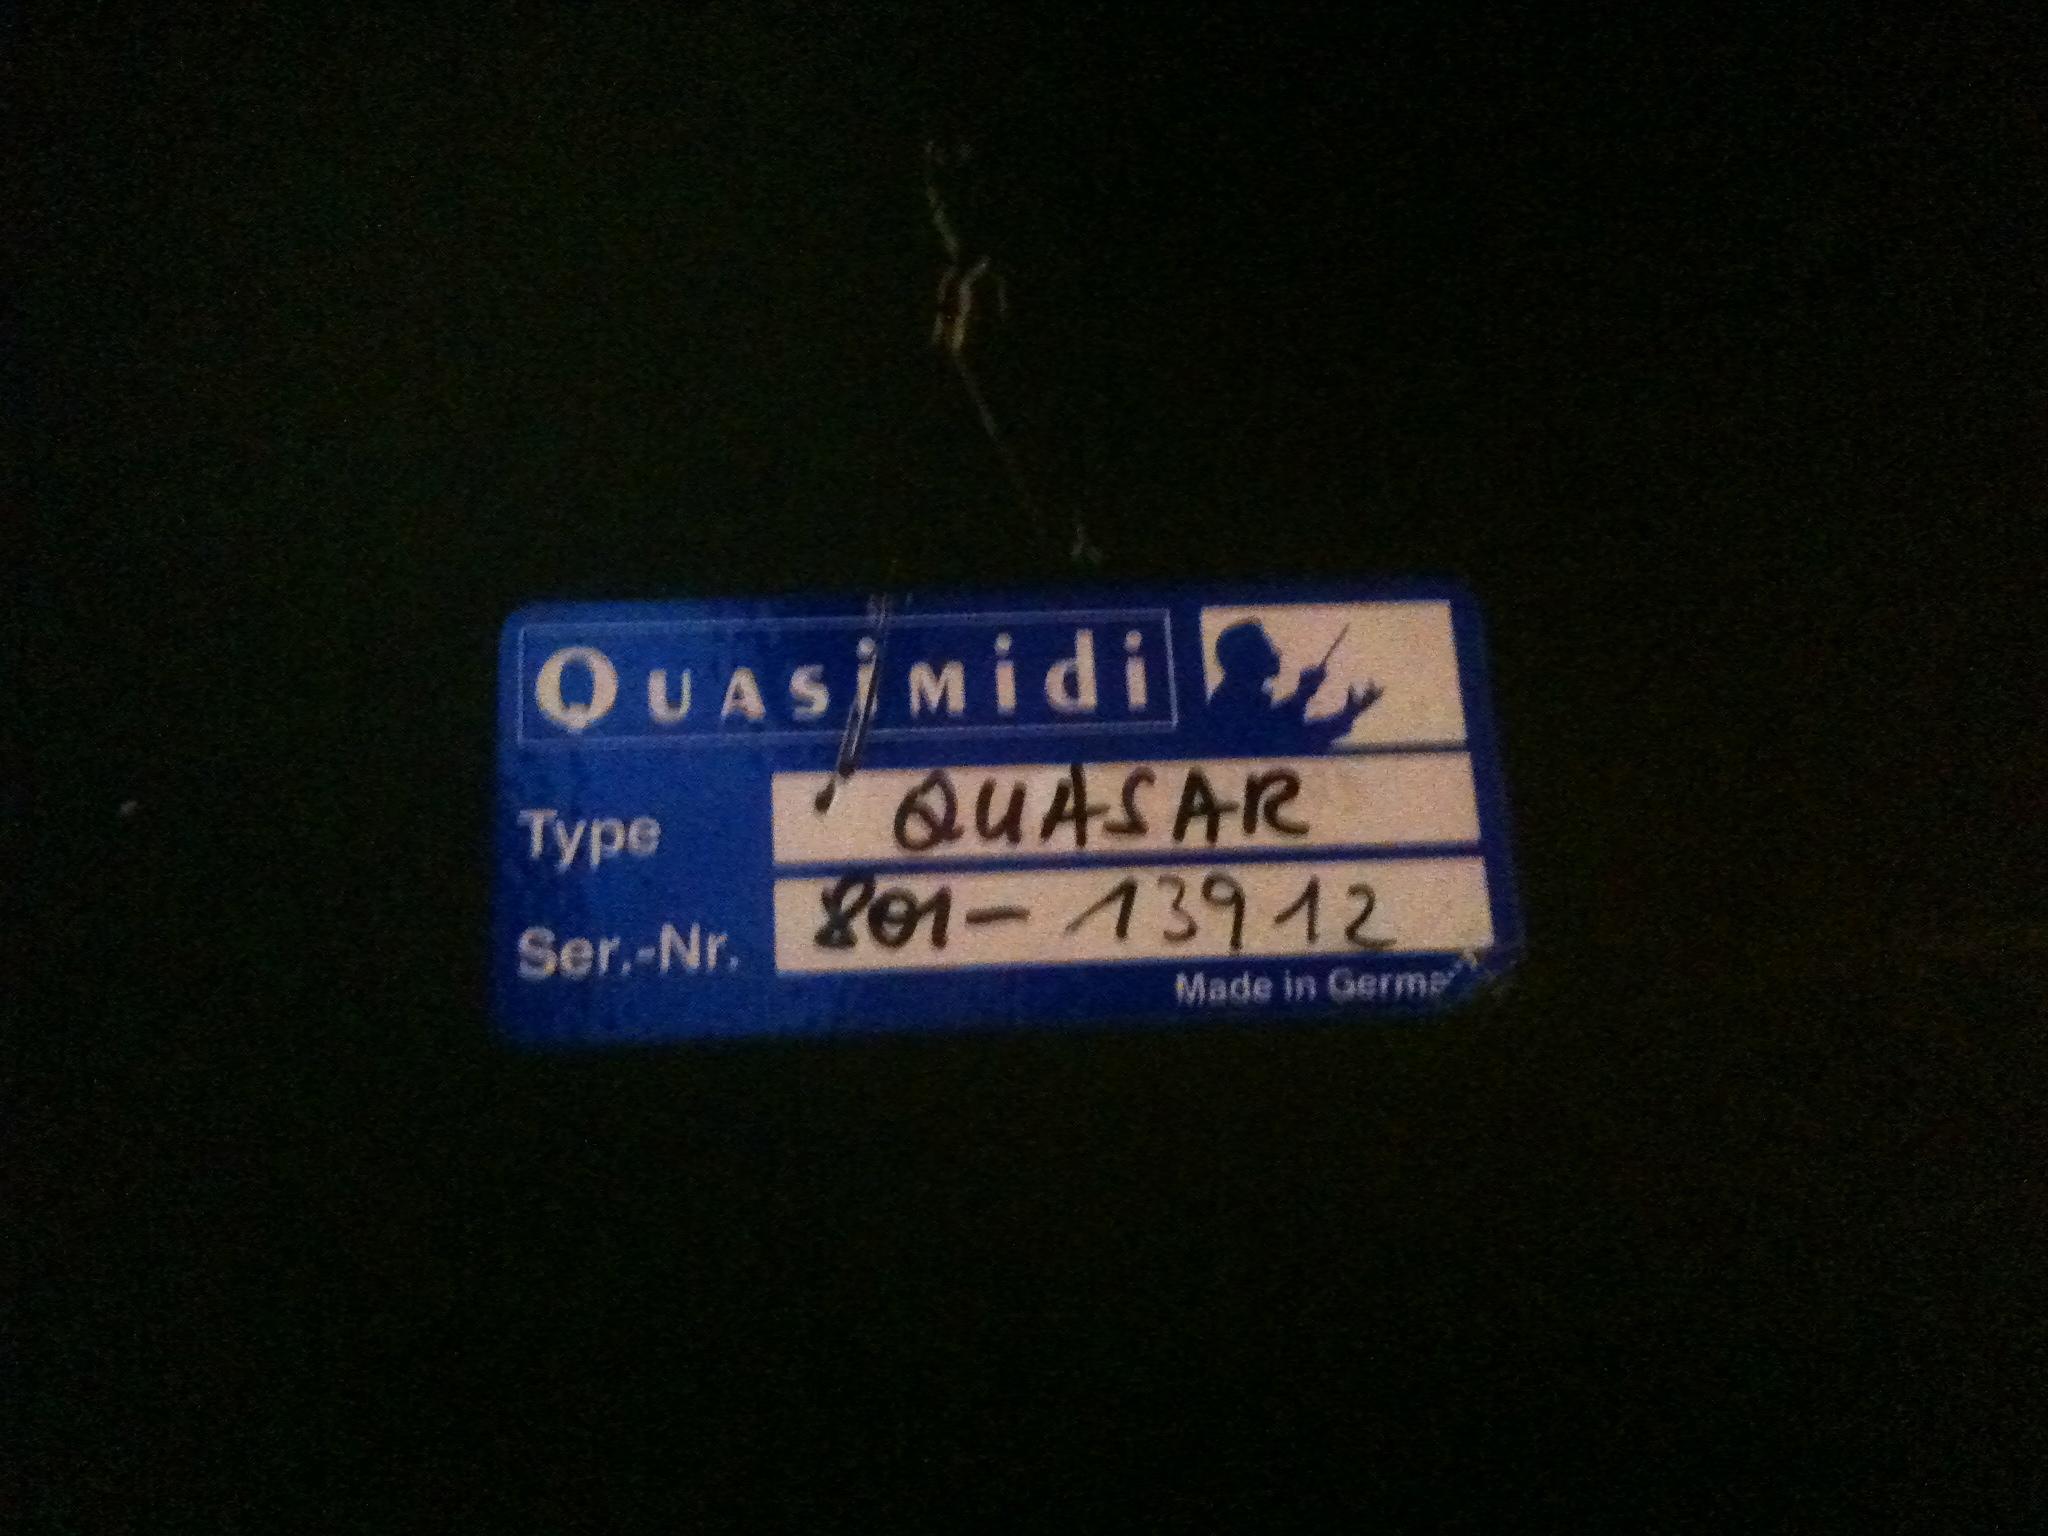 quasimidi quasar